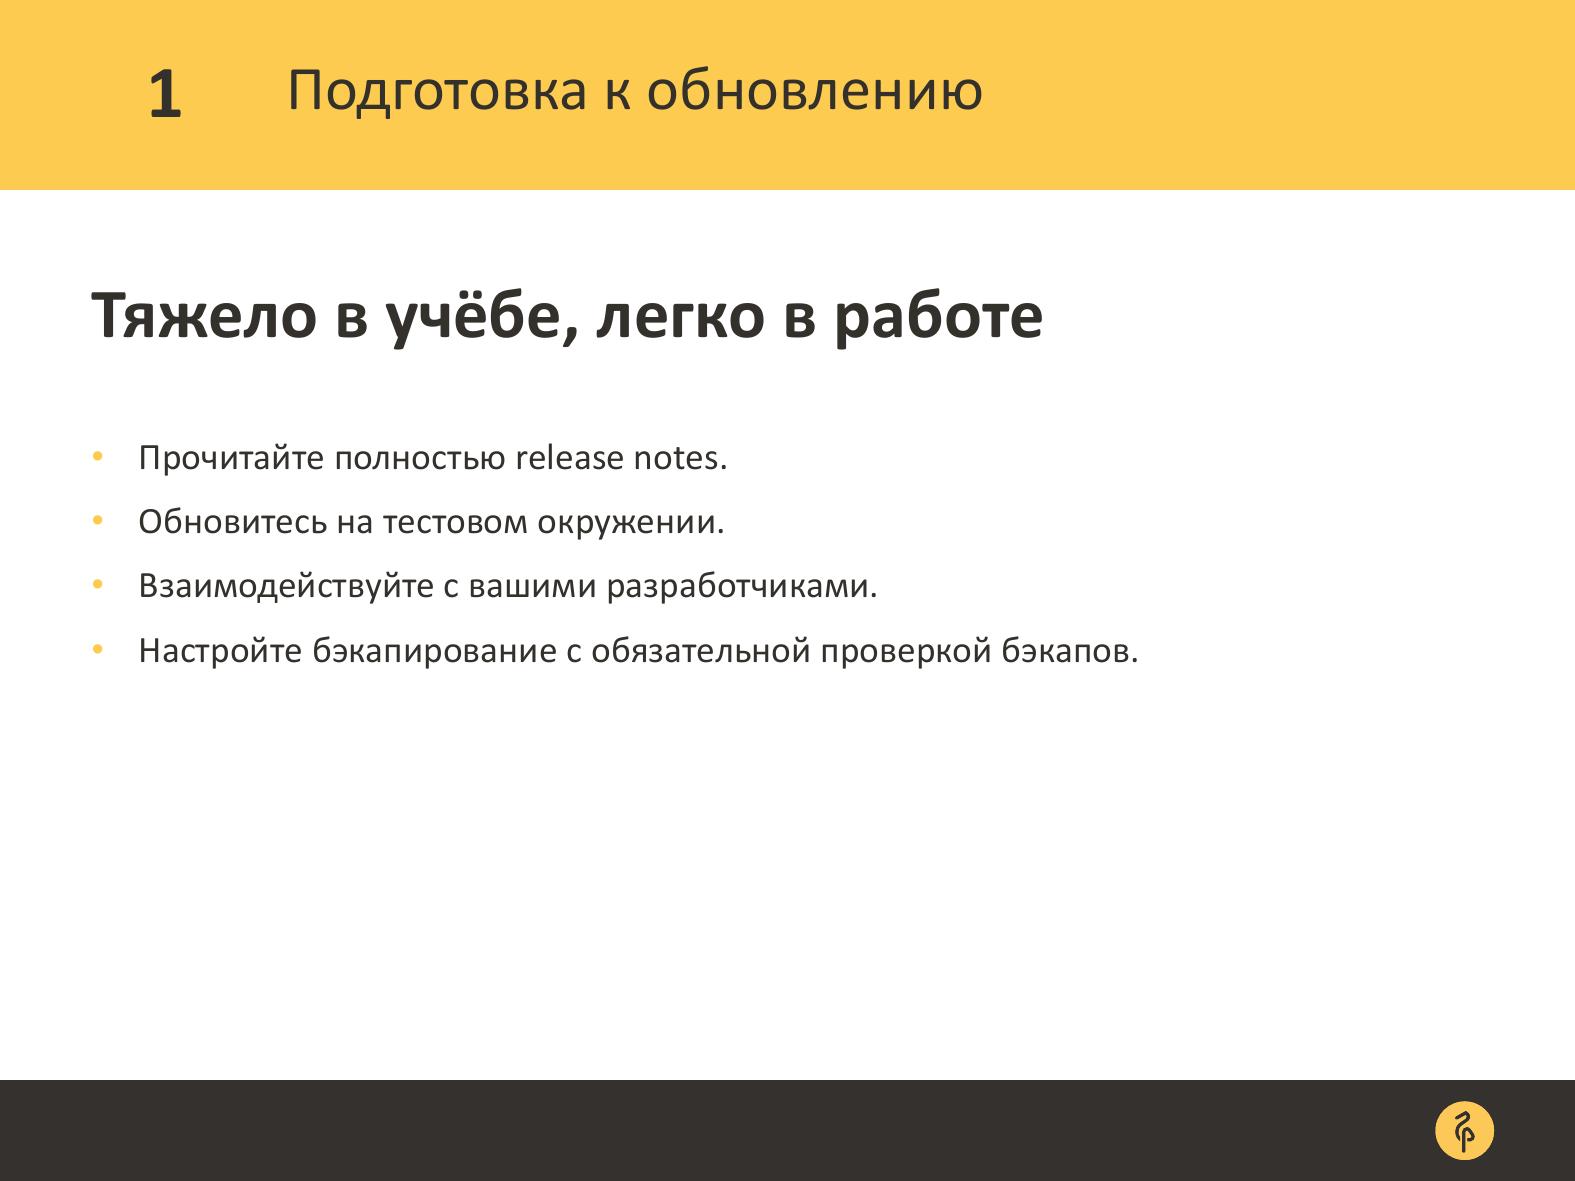 Практика обновления версий PostgreSQL. Андрей Сальников - 6